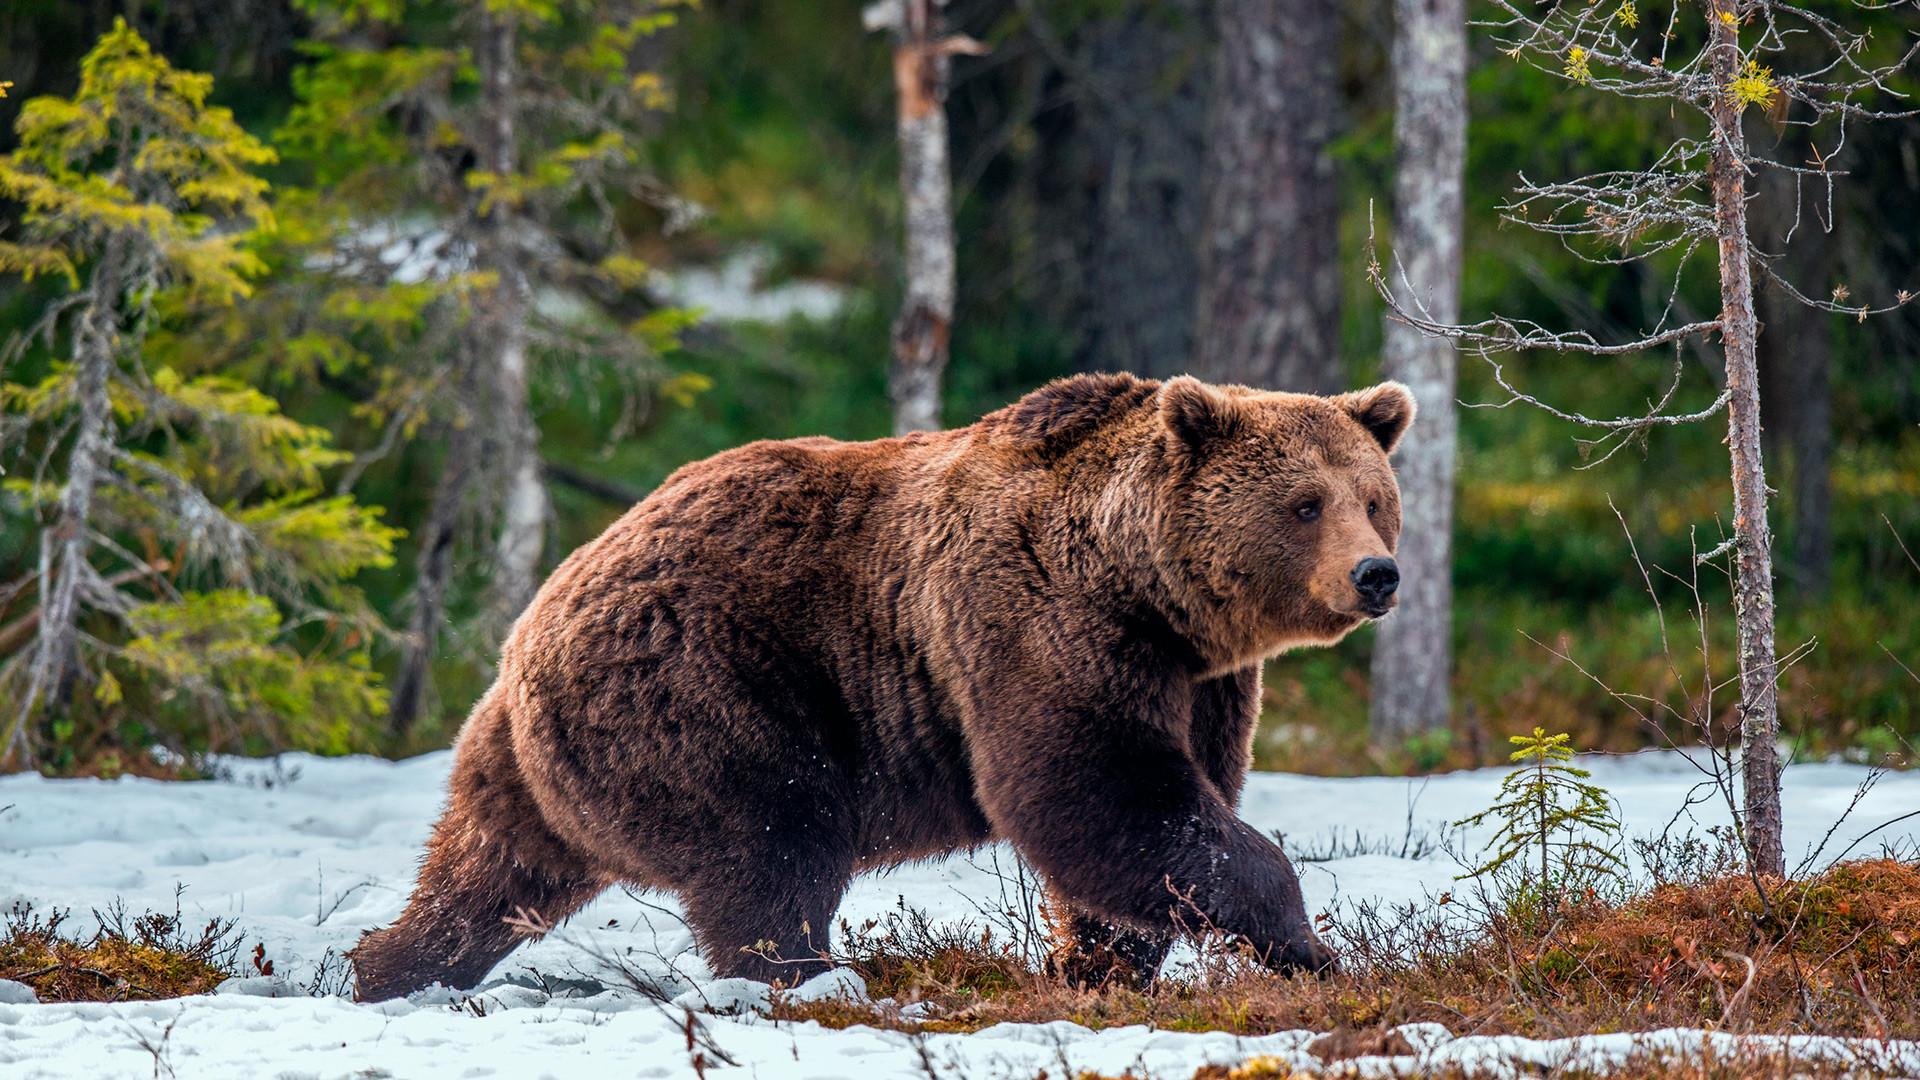 Europski mrki medvjed u divljini tijekom proljeća.